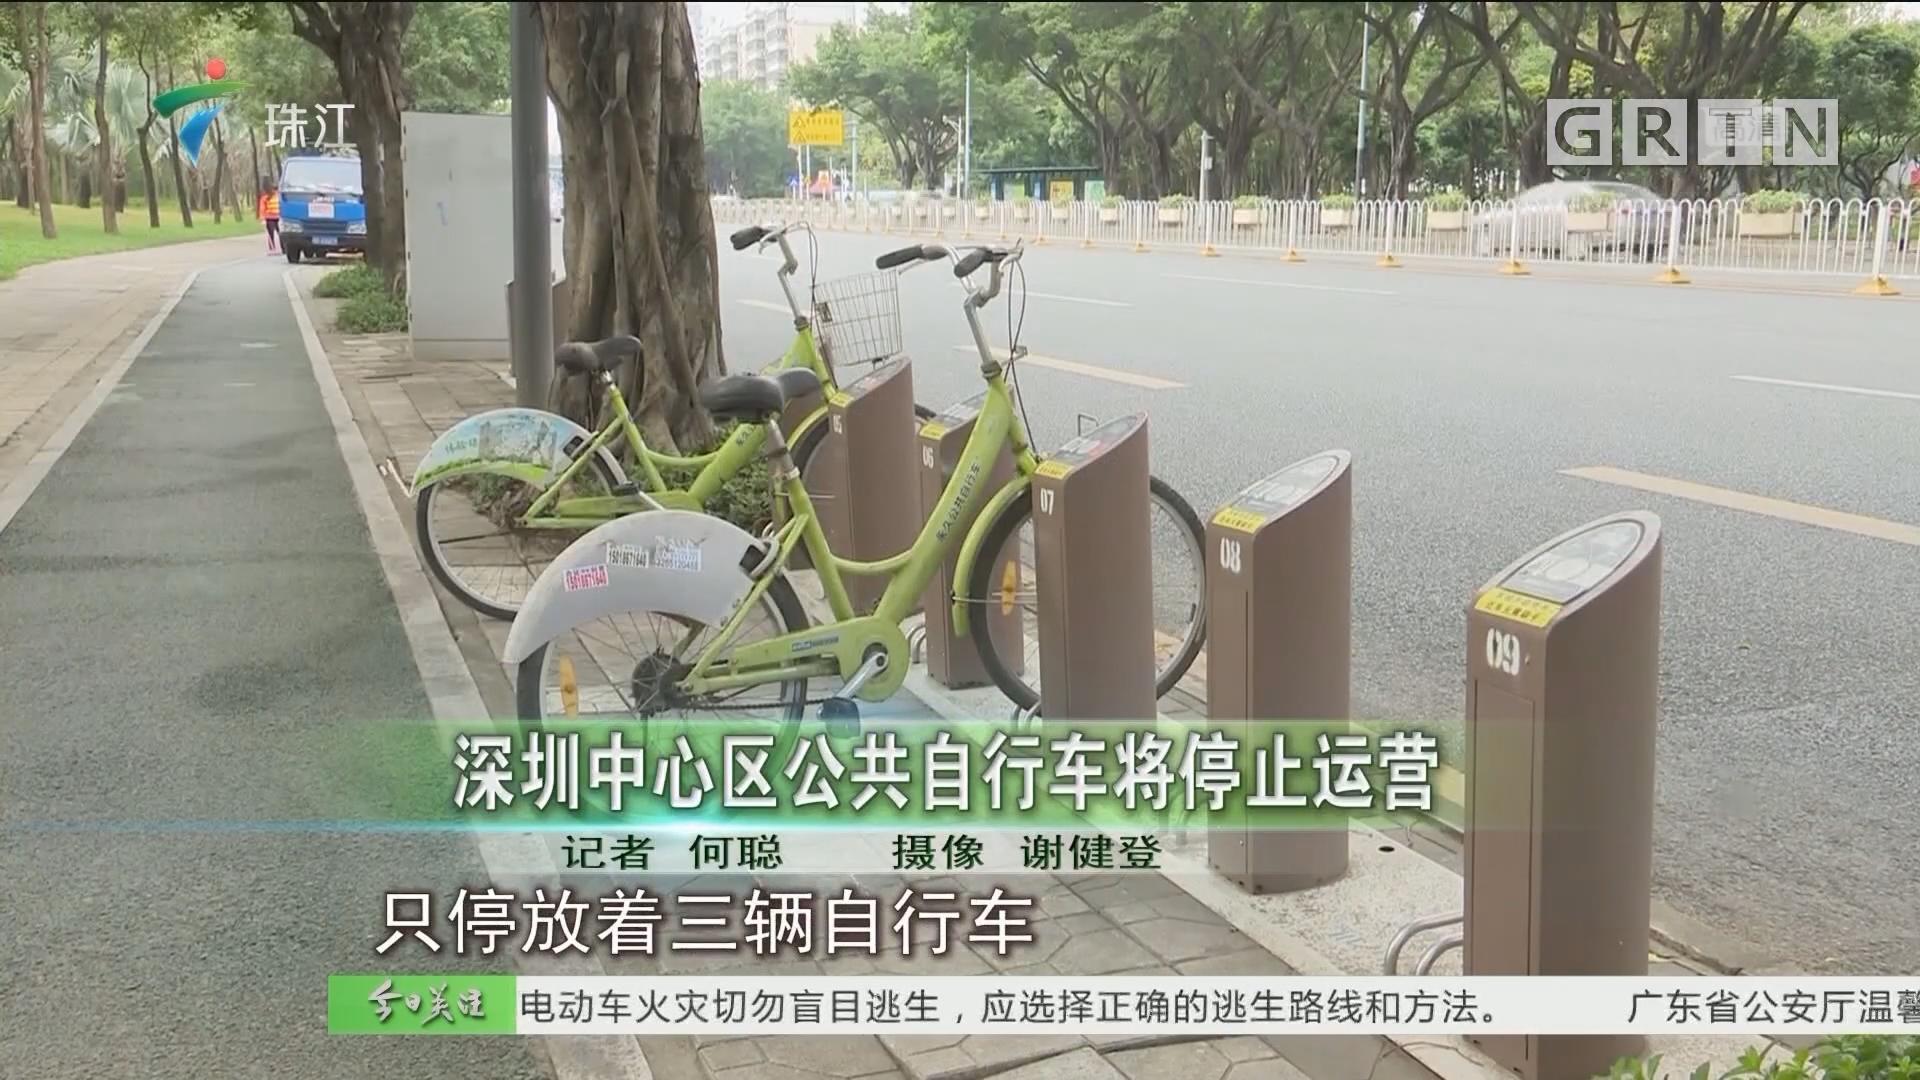 深圳中心区公共自行车将停止运营